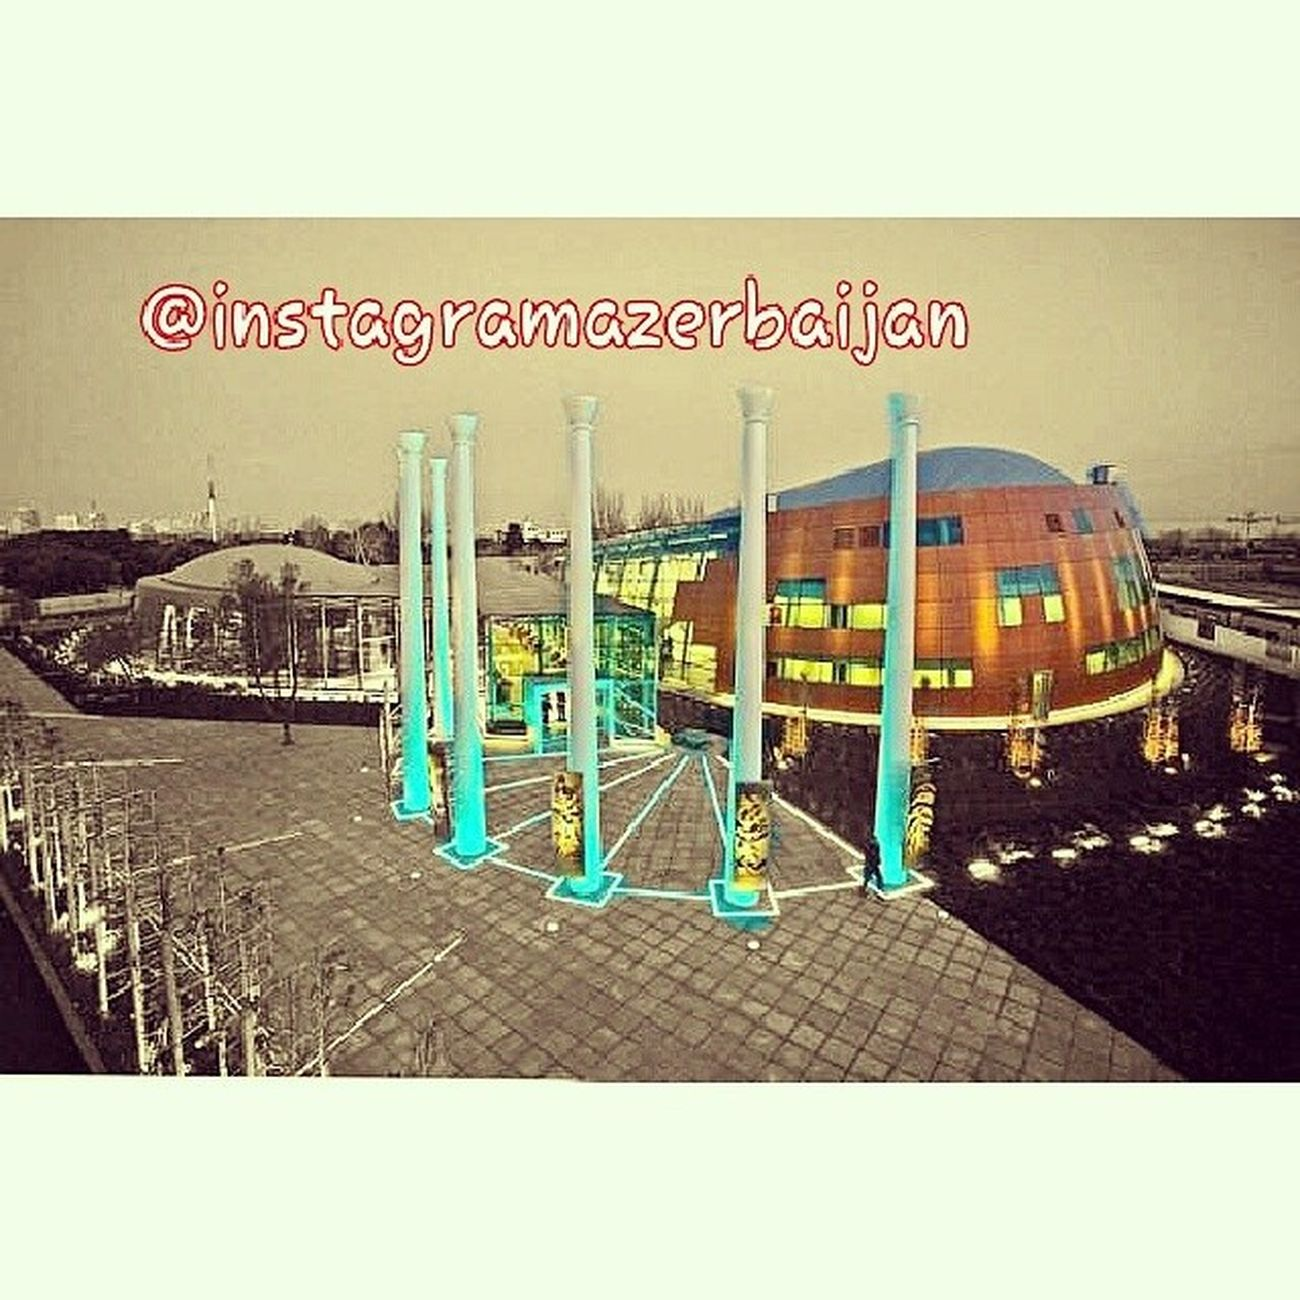 Igersazerbaijan Instagramazerbaijan Igersbaku Instadaily igdaily amazing aztagram azerbaijan art artaztagram a b baku bakufollow f4f funny photo pink london look love